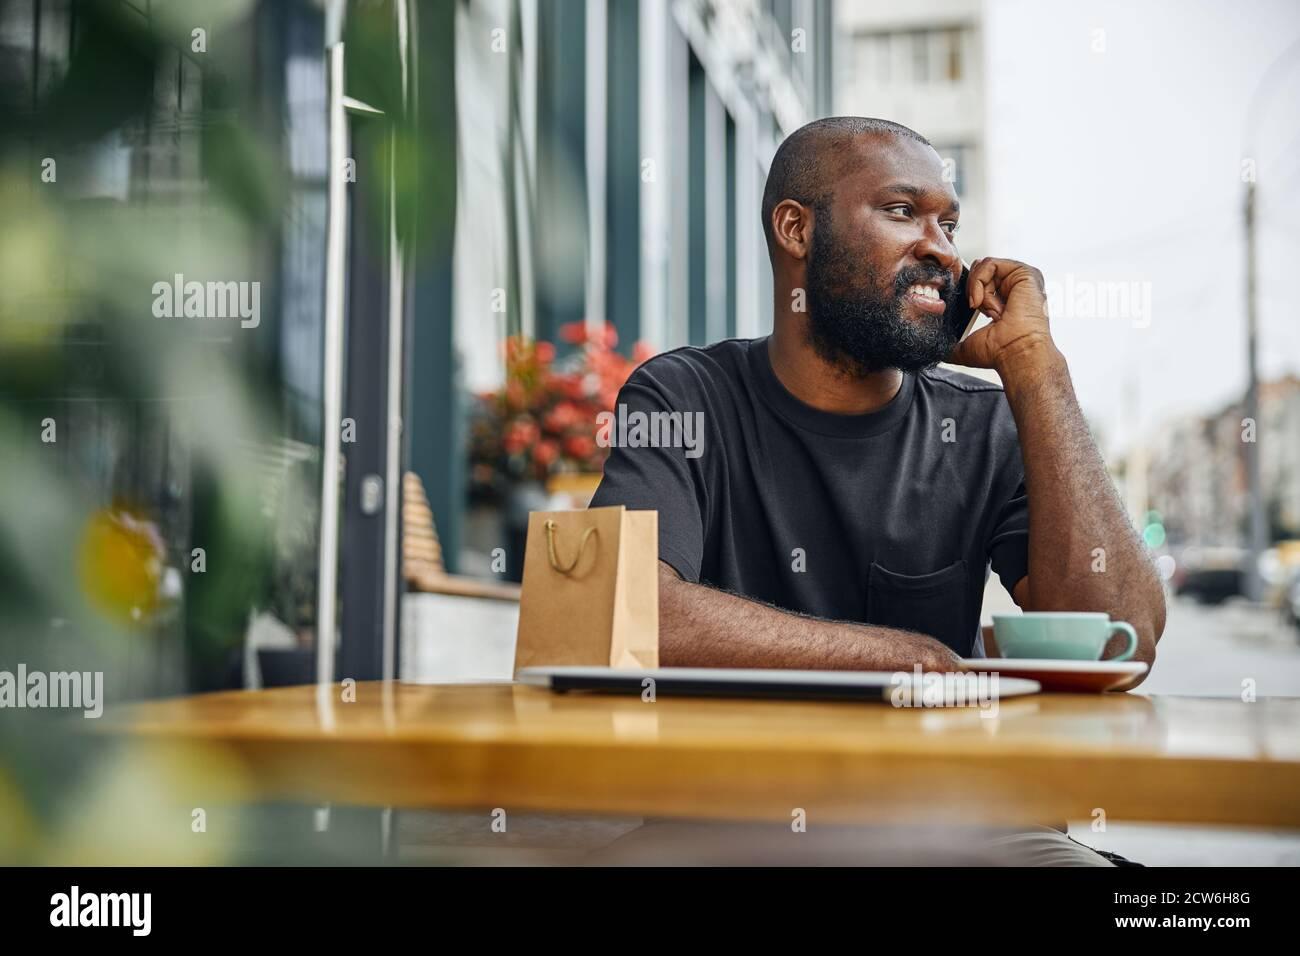 Hombre contento disfrutando de una agradable charla telefónica en la ciudad Foto de stock